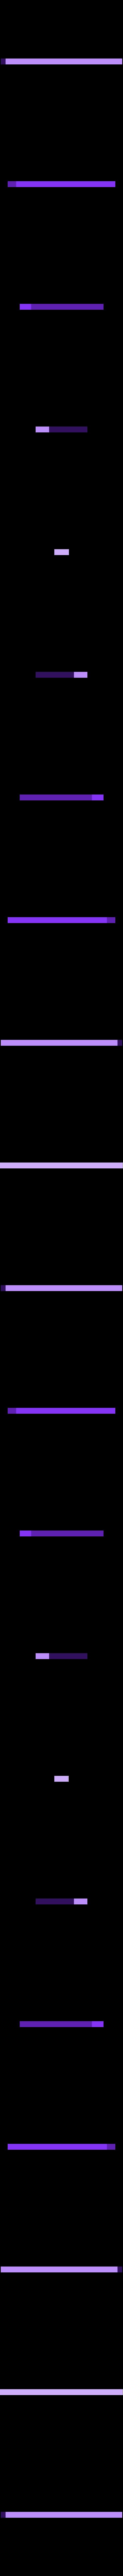 top_rail1.stl Télécharger fichier STL gratuit Le moulin • Design pour imprimante 3D, Earsling